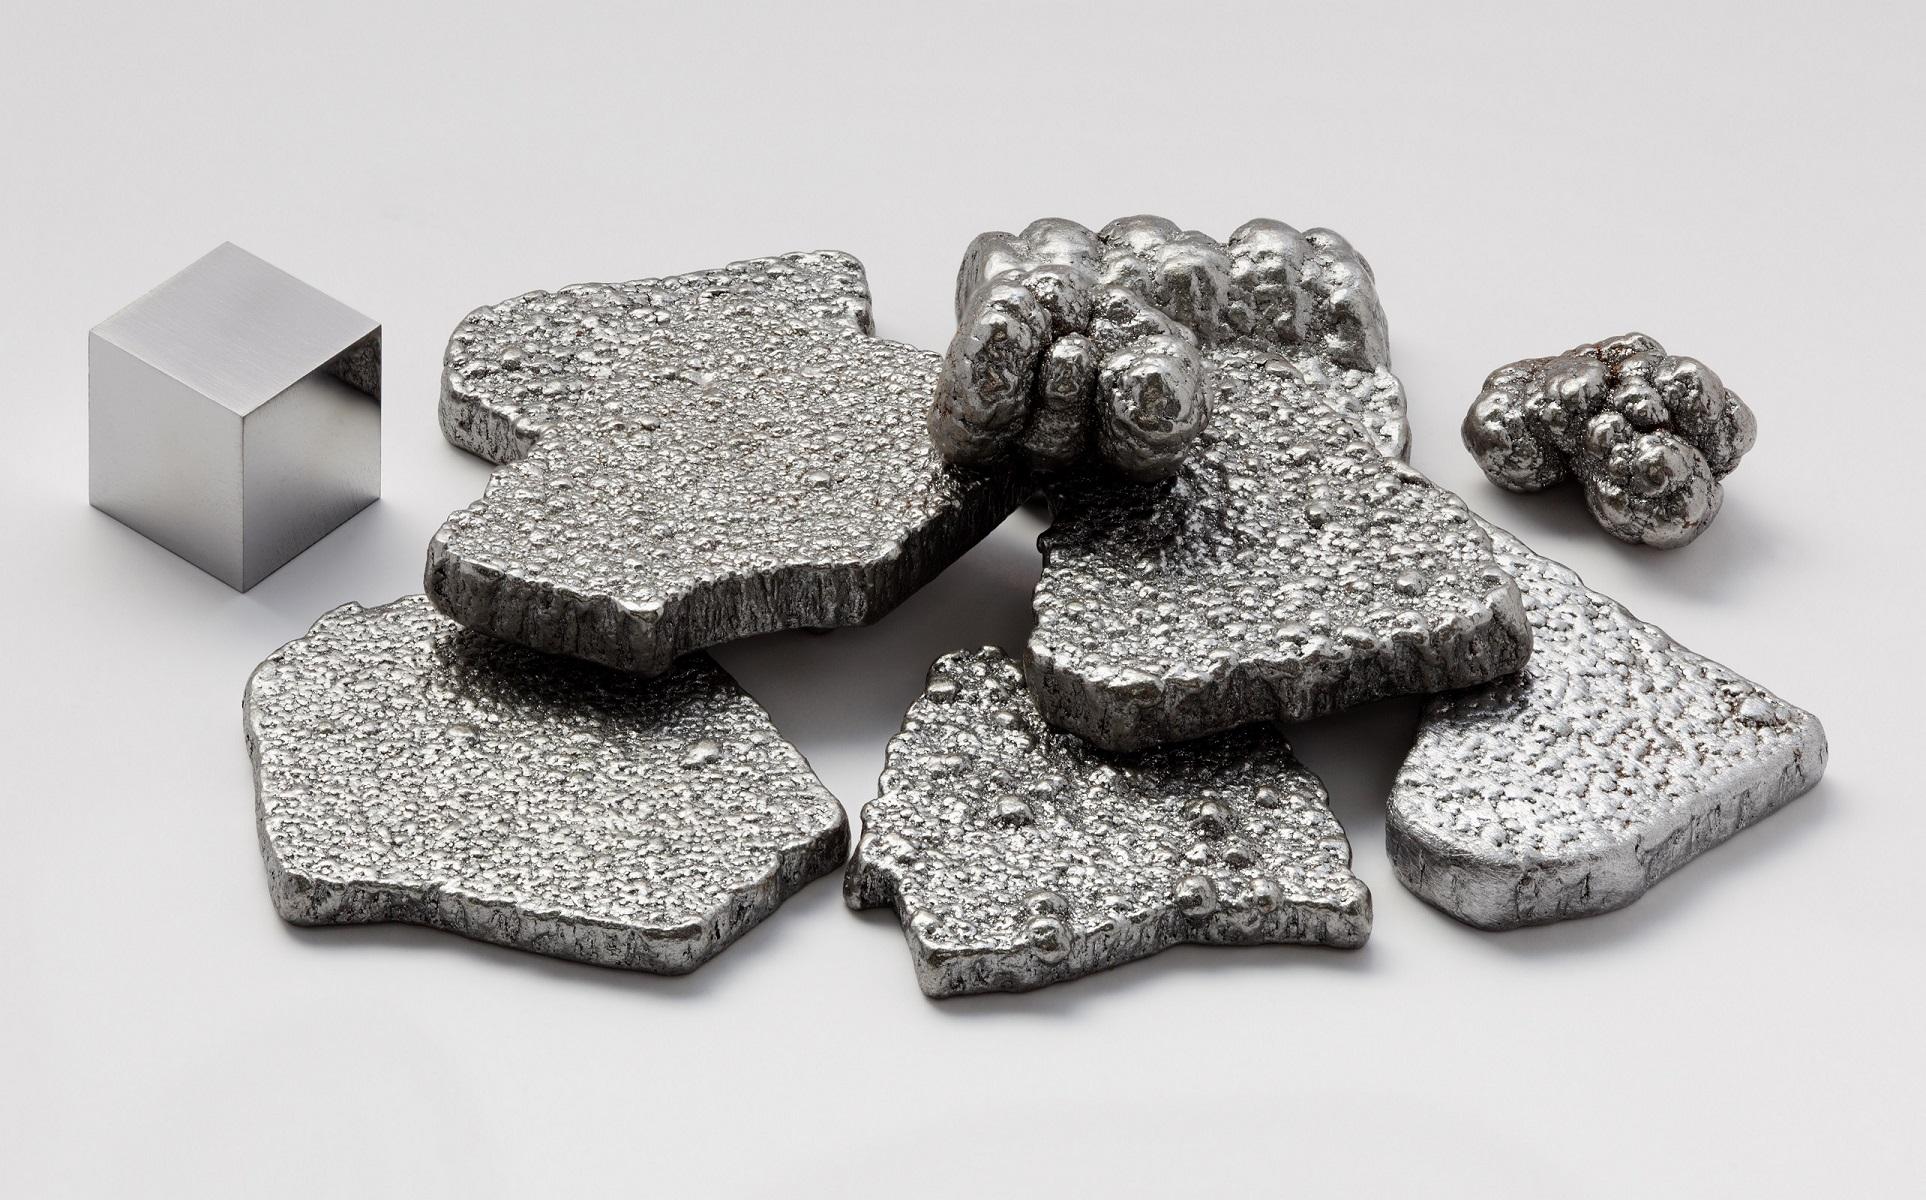 Чистое железо (99,97%), очищенное методом электролиза